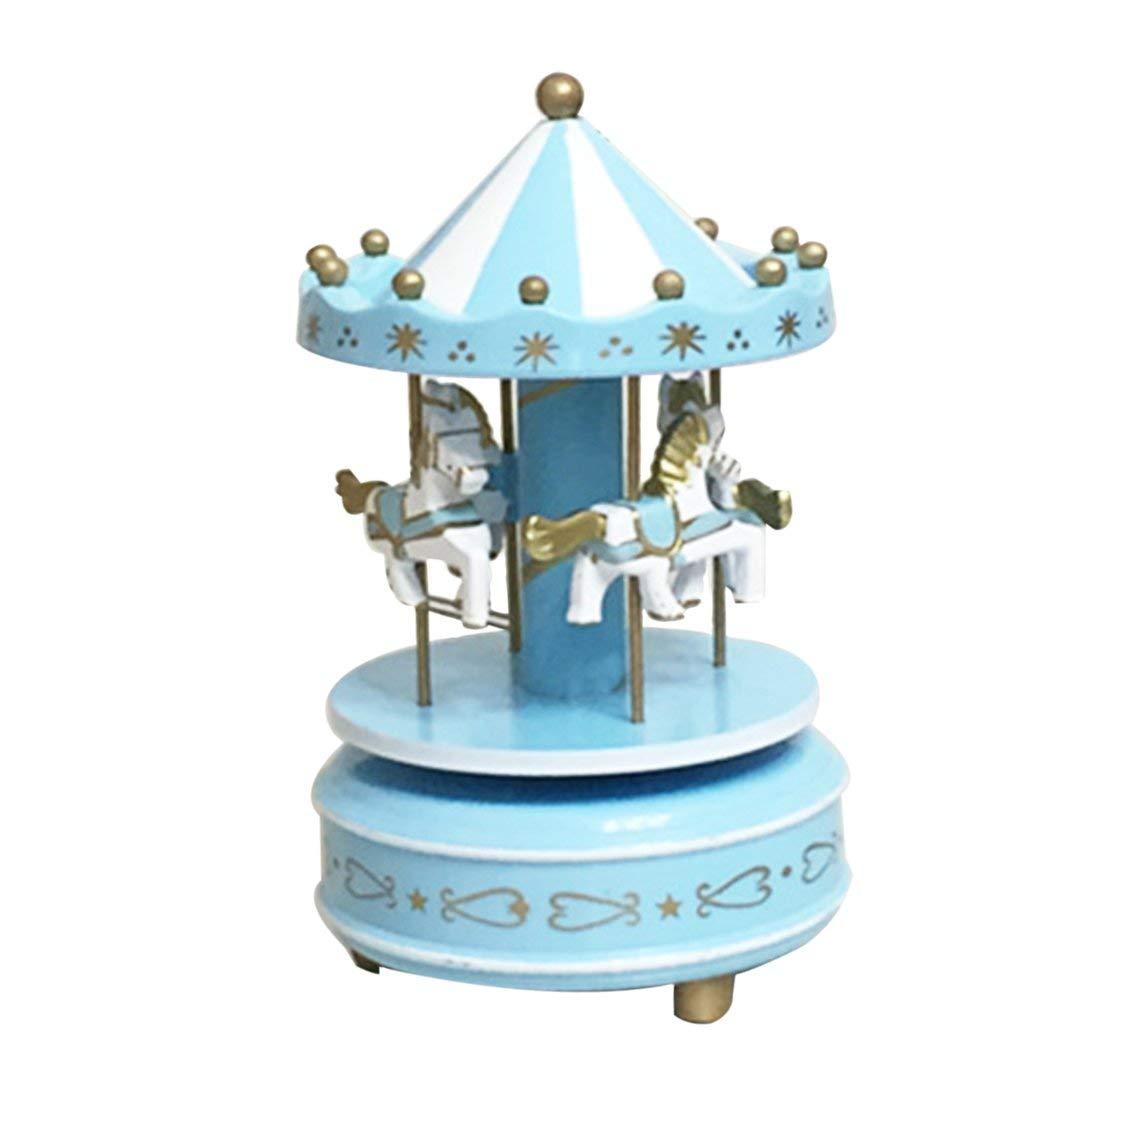 fgdjfhsdfgsdfh Carillon di giostra di Legno Carillon di Giocattoli per Bambini Giocattoli Compleanni di Nozze Regalo Scatola di giostra Musicale Fairground (Blu)